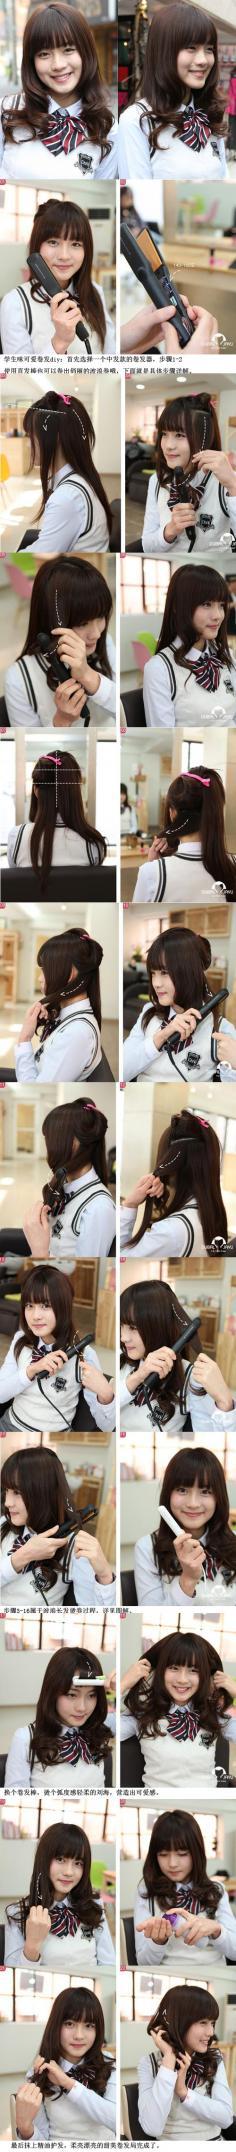 直发器怎么做卷 3分钟打造可爱学生味卷发